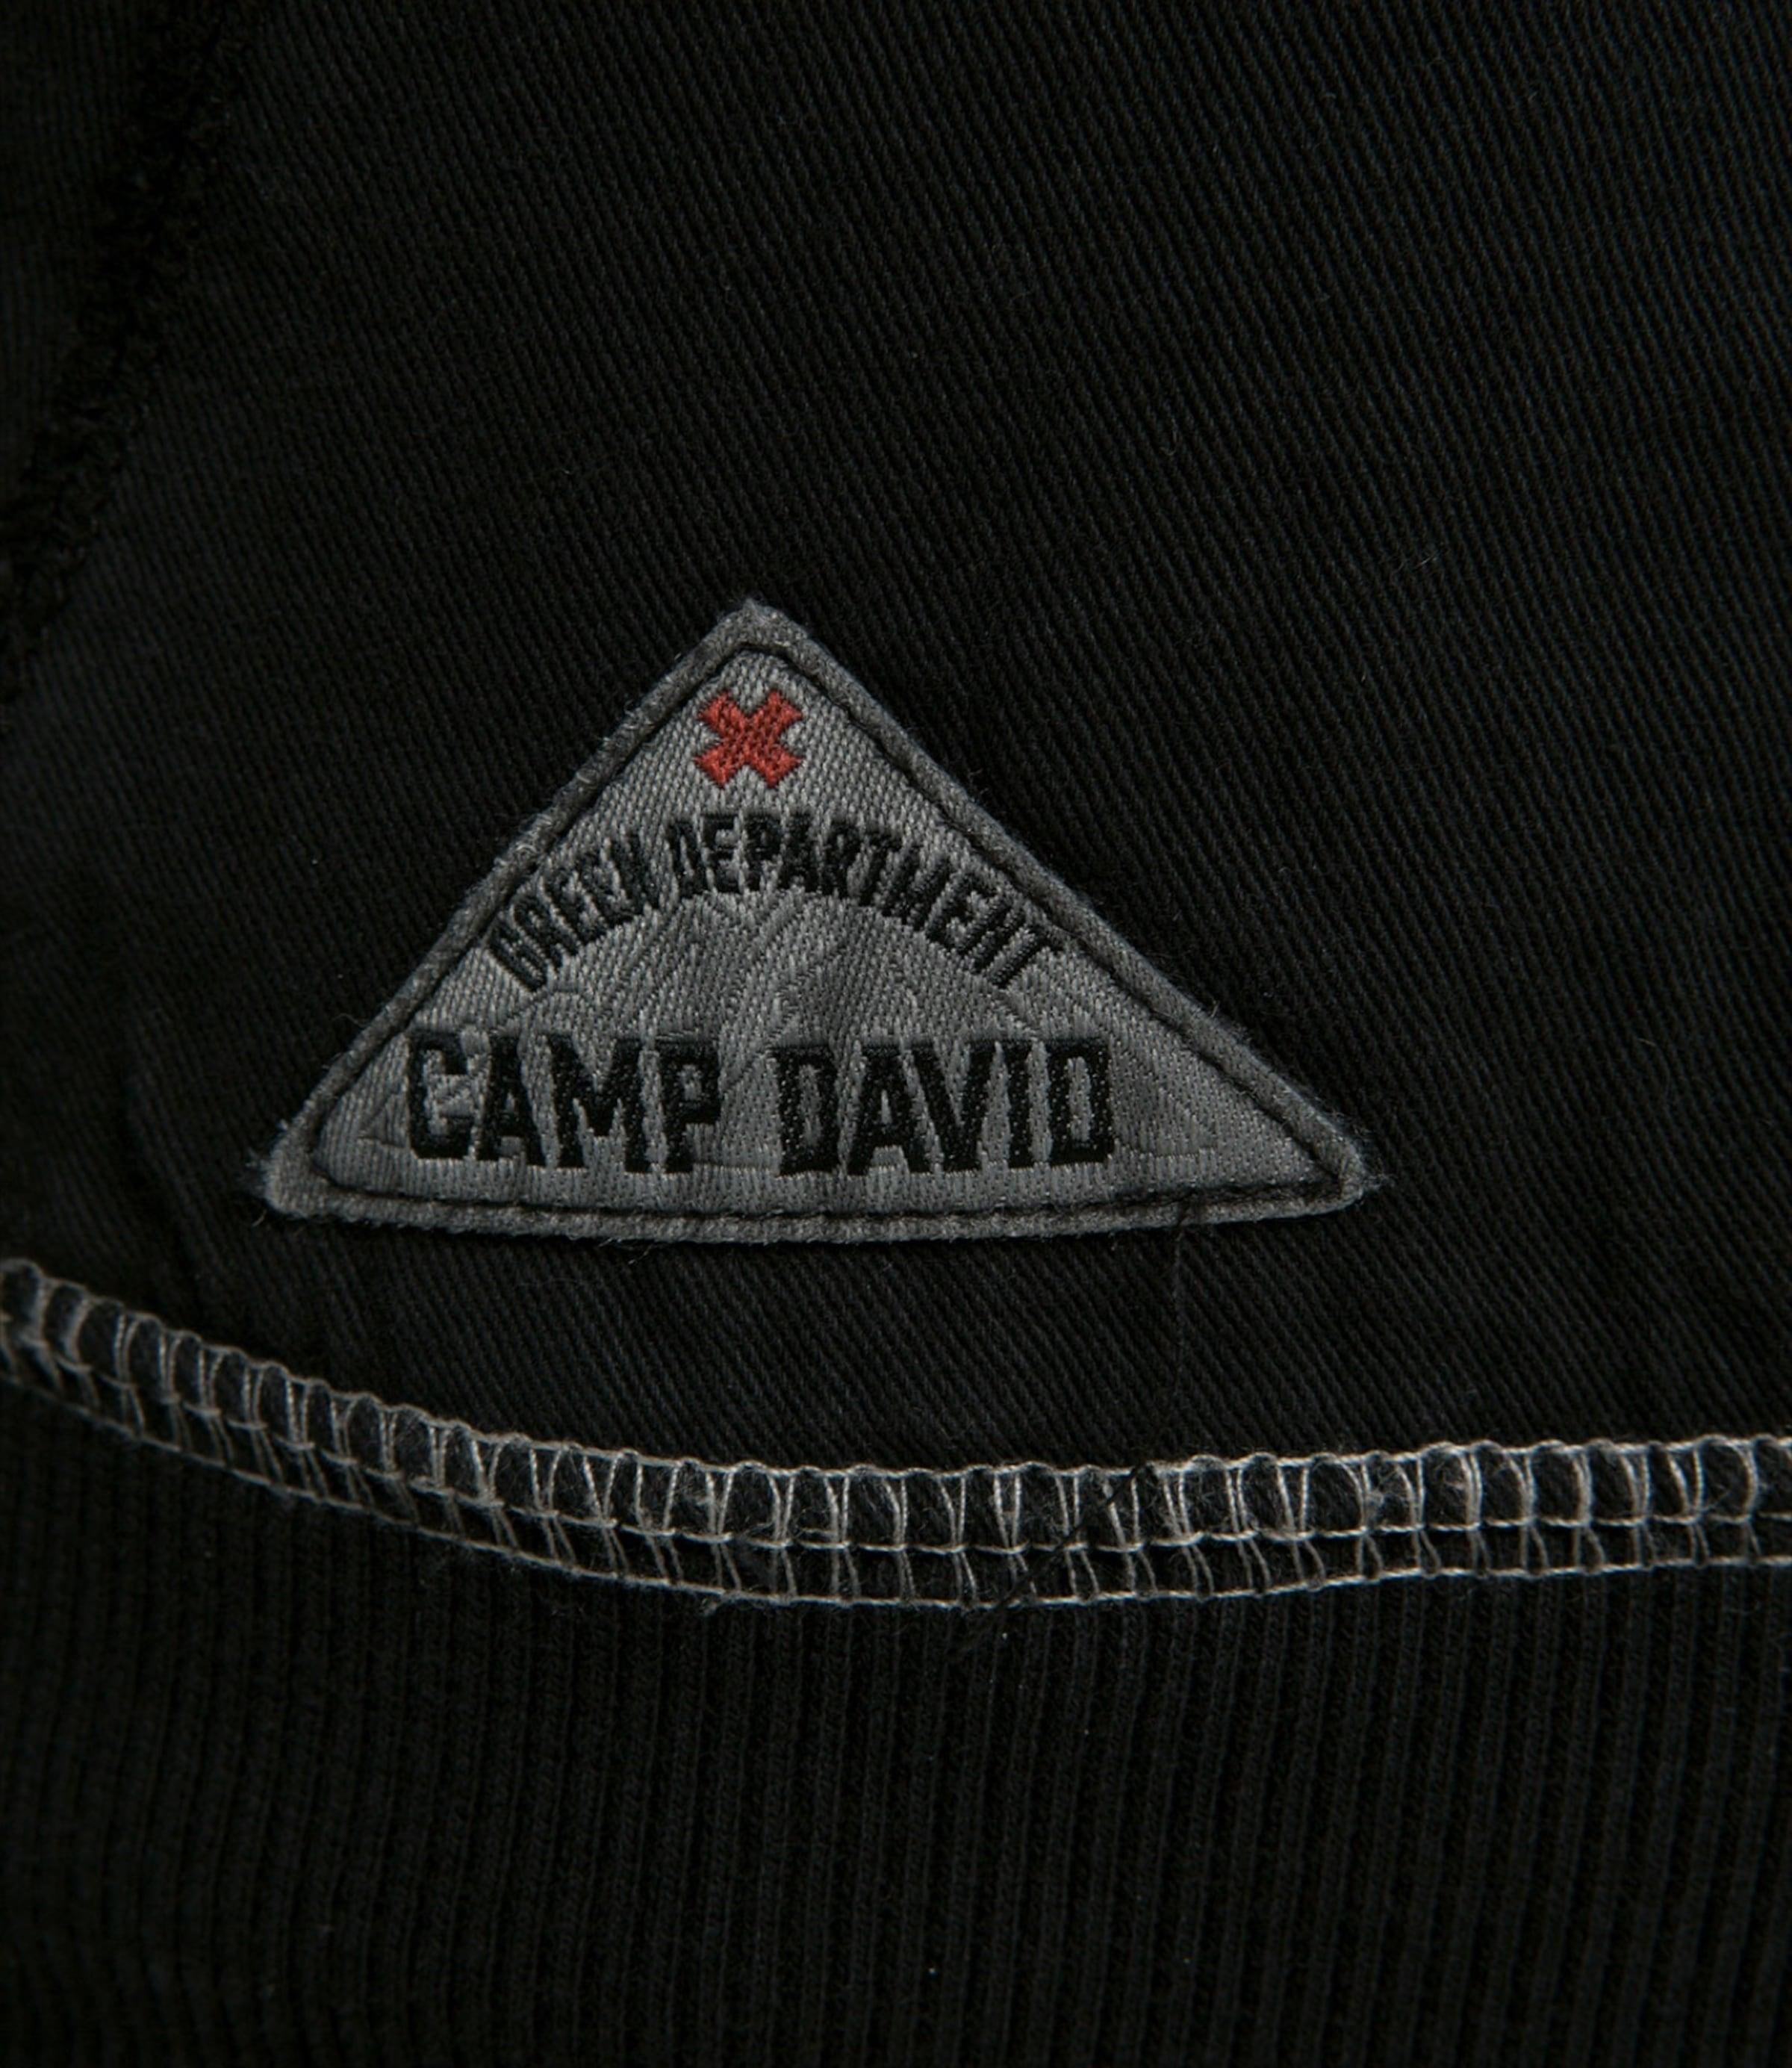 David David Schwarz Pullover In Camp Pullover David Camp Camp Pullover Schwarz In TlKF13uJc